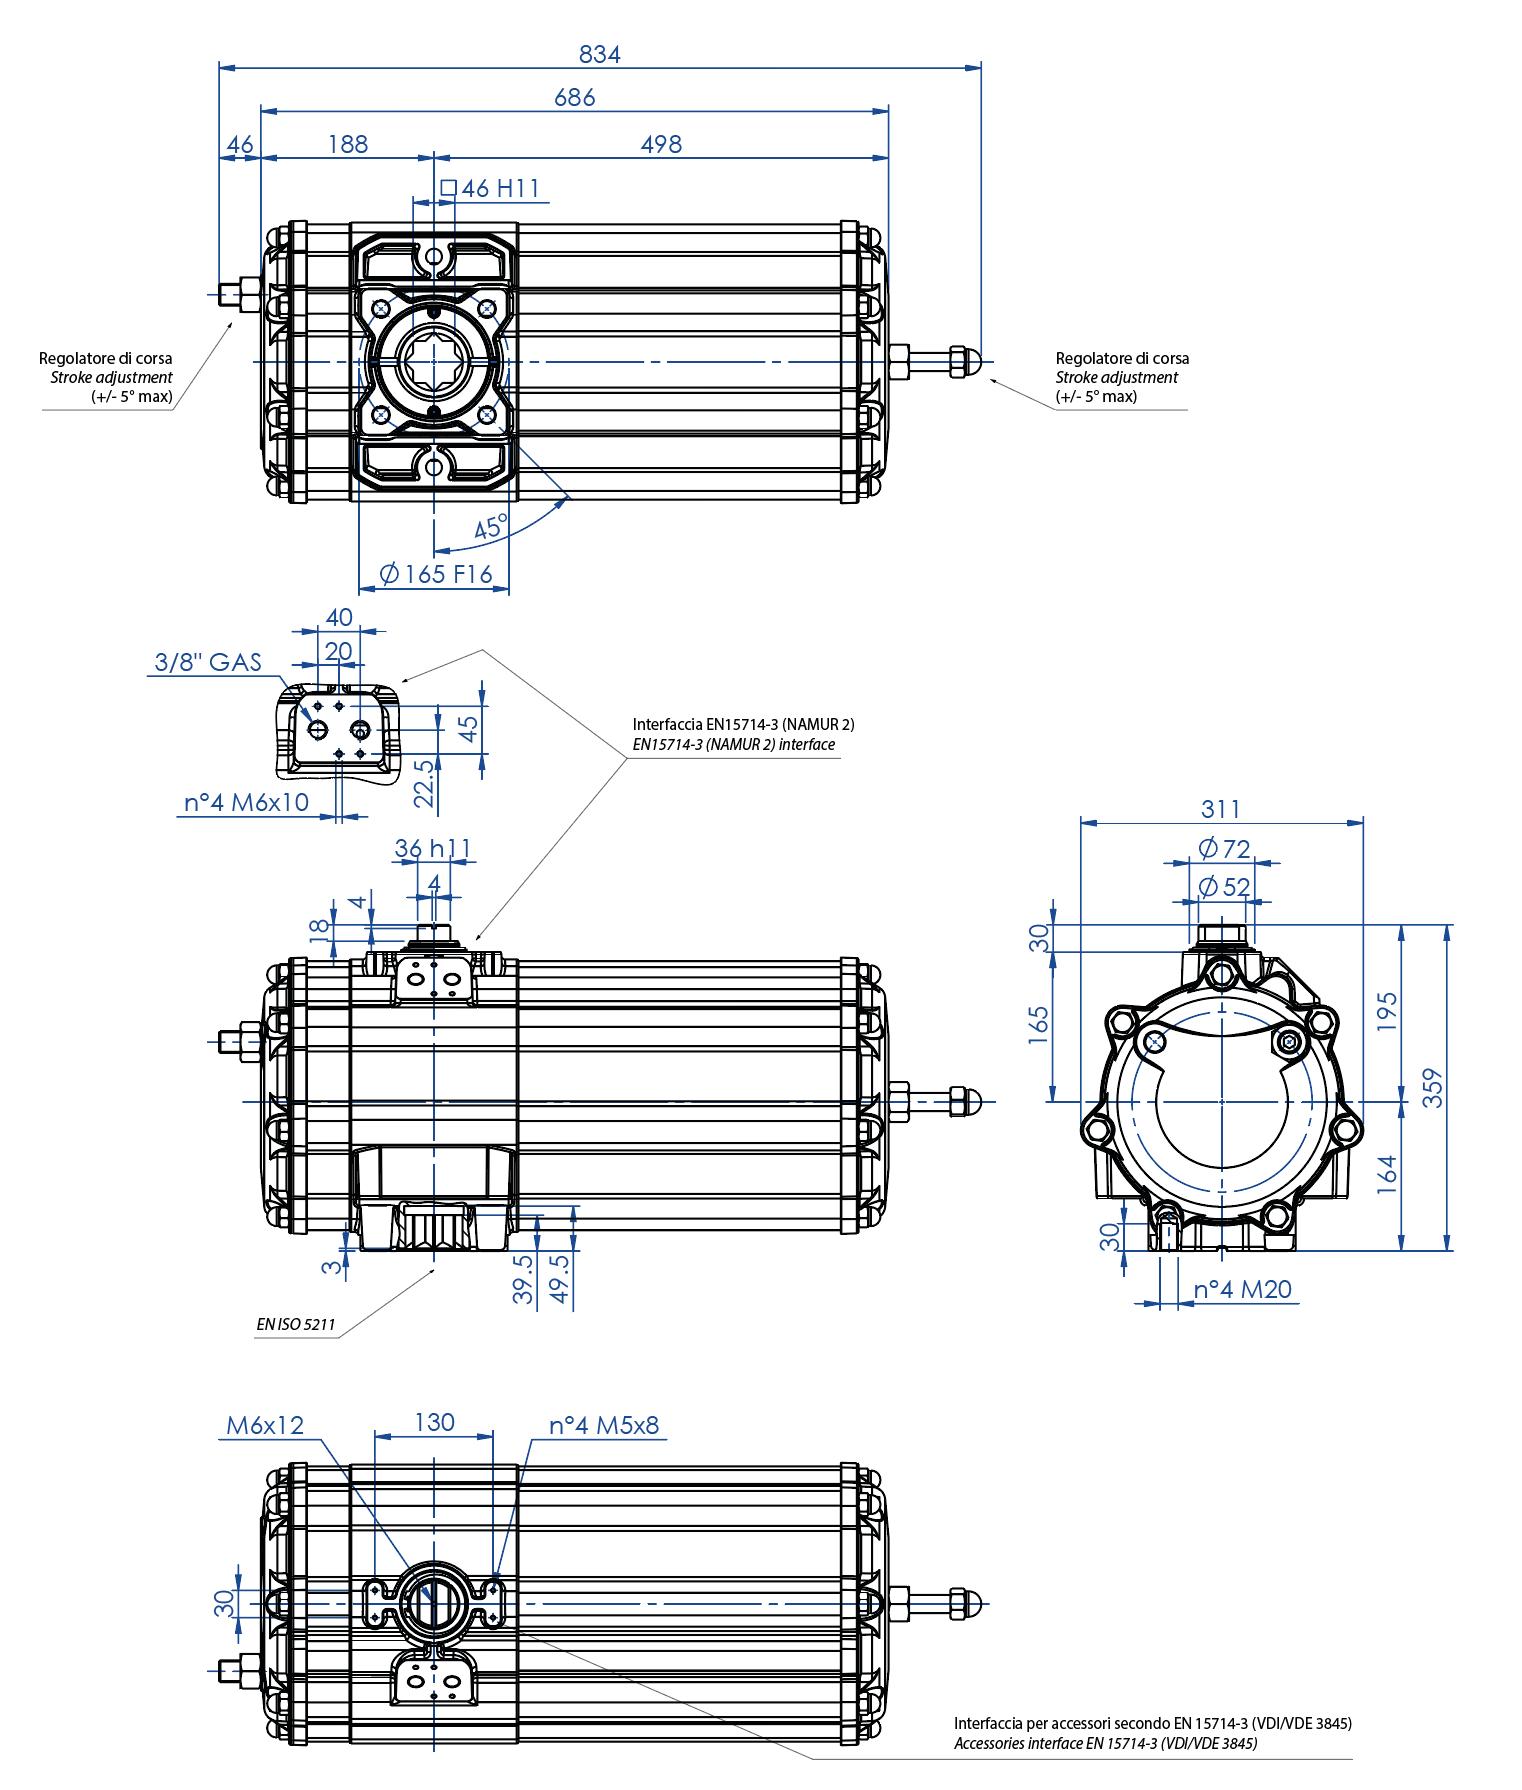 Einfachwirkender pneumatischer Stellantrieb GS aus Aluminium - abmessungen - Einfachwirkender pneumatischer Stellantrieb Baugröße GS 1440 (Nm)